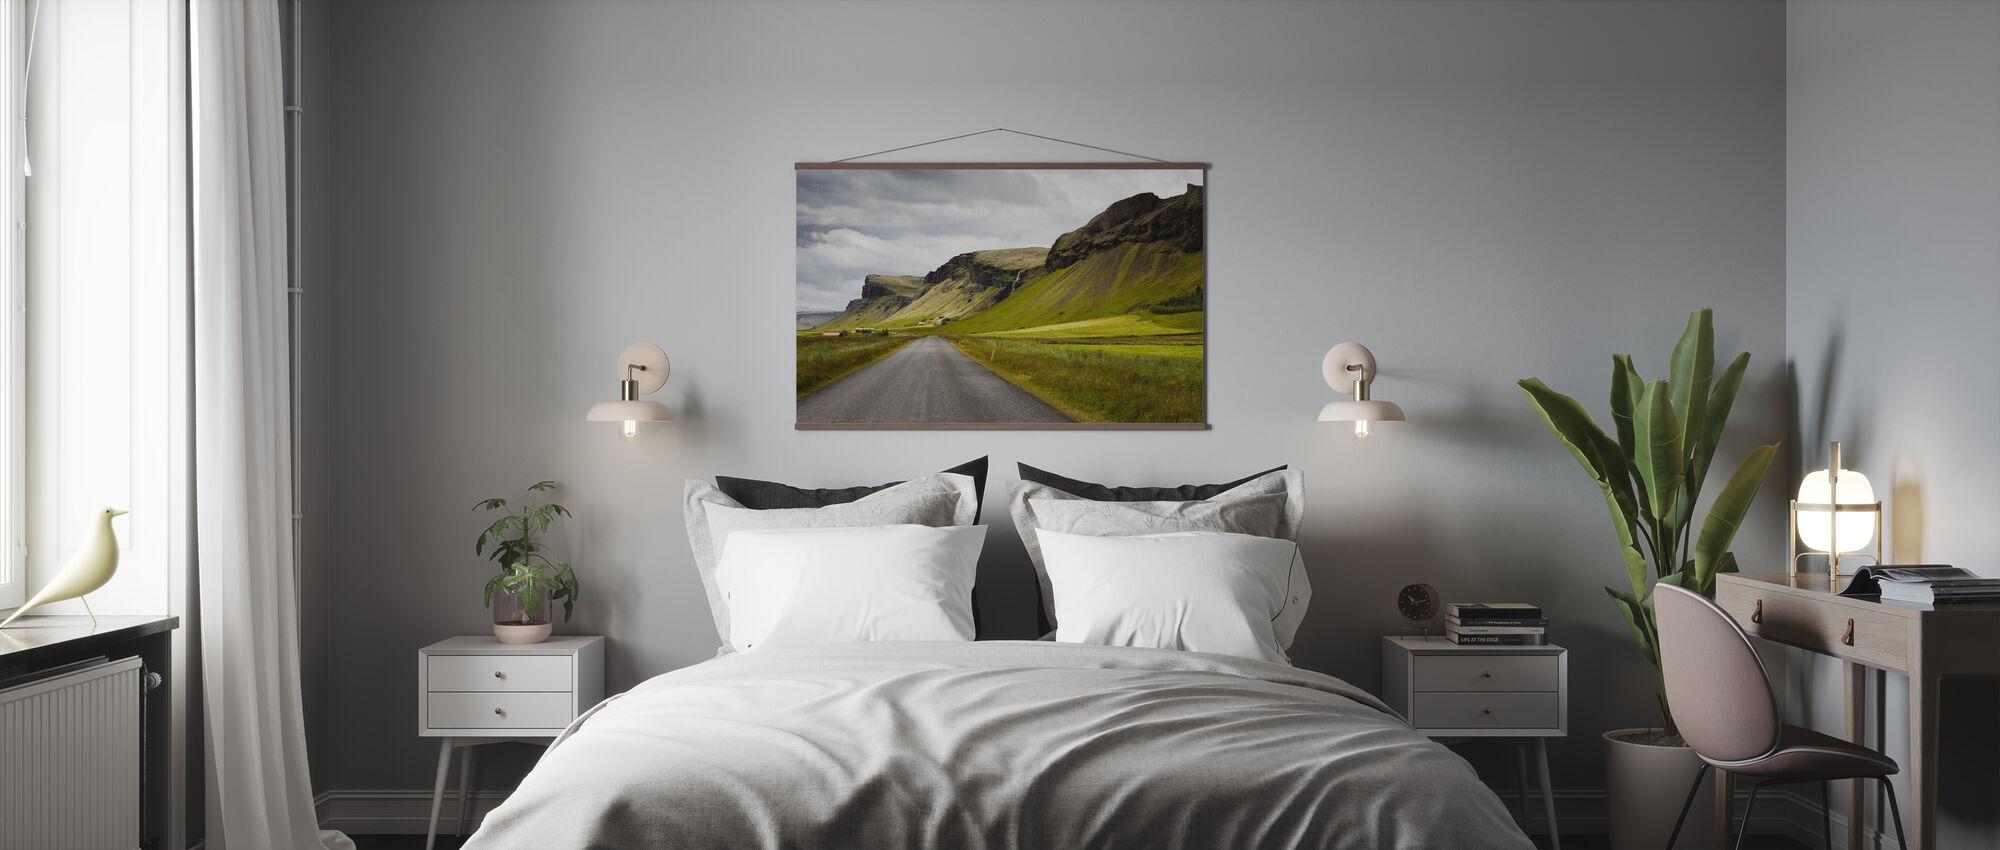 Vormen van IJsland - Poster - Slaapkamer